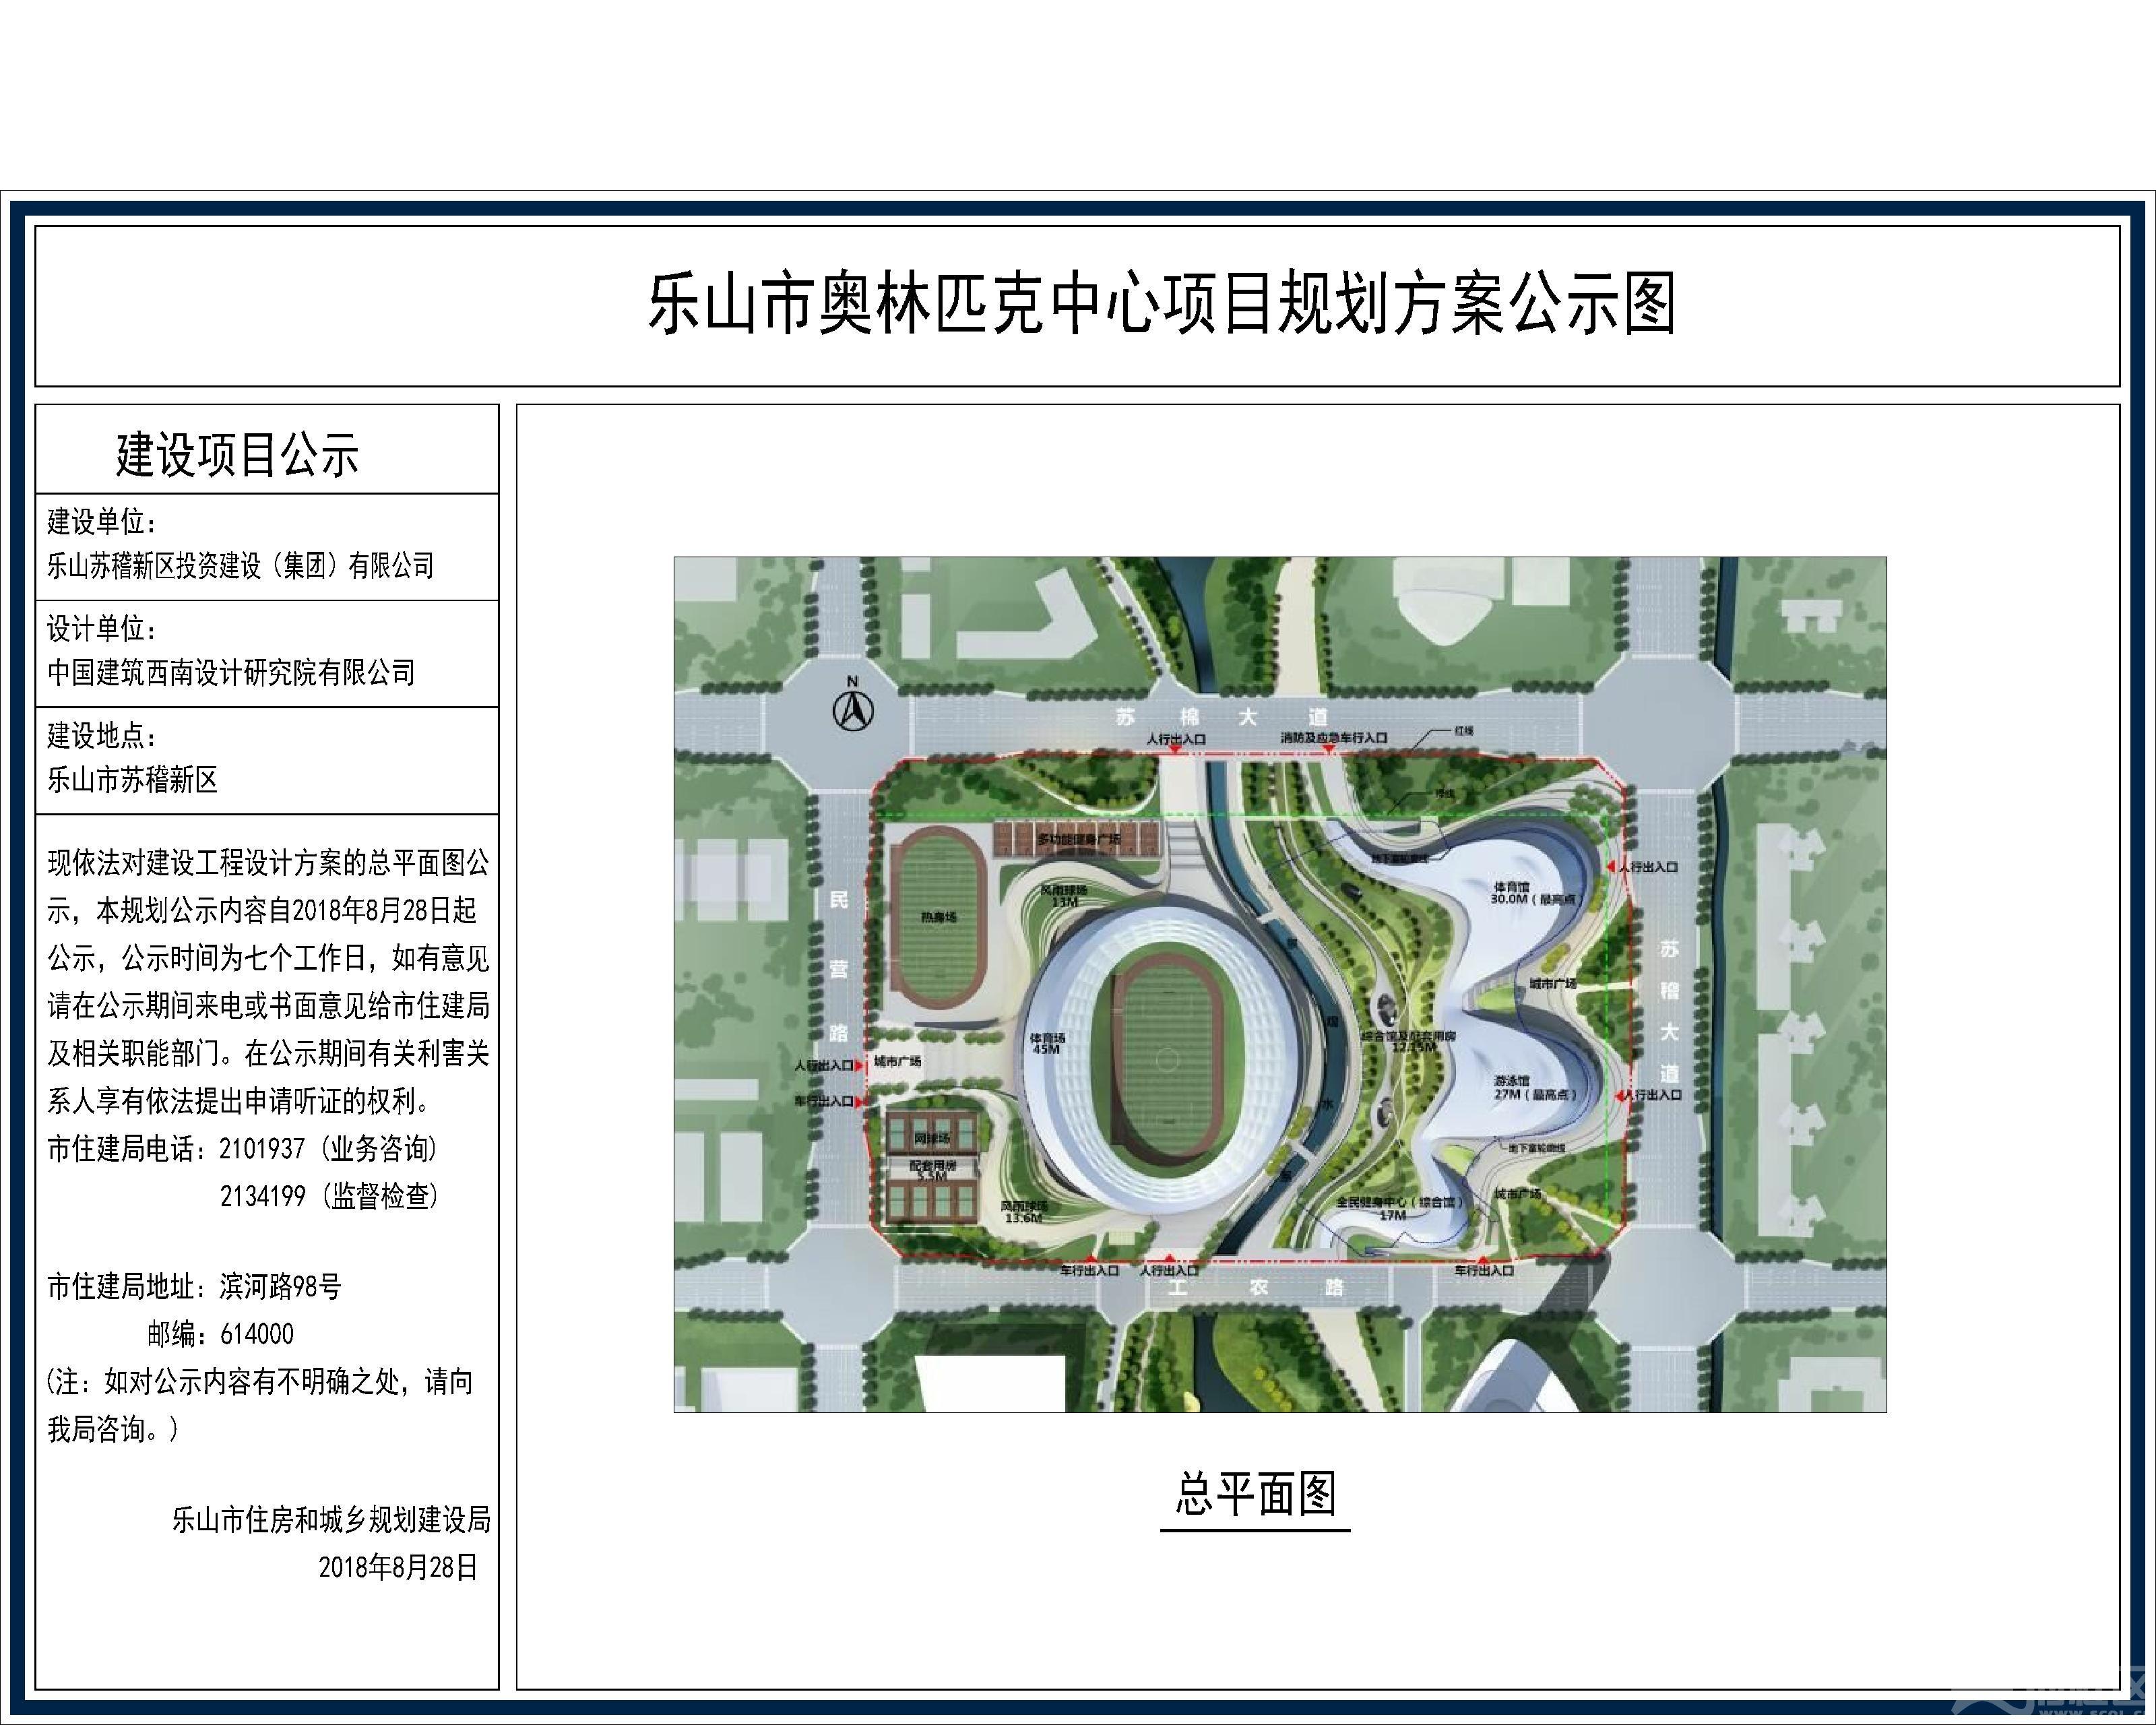 乐山市奥林匹克中心项目规划方案公示图.jpg